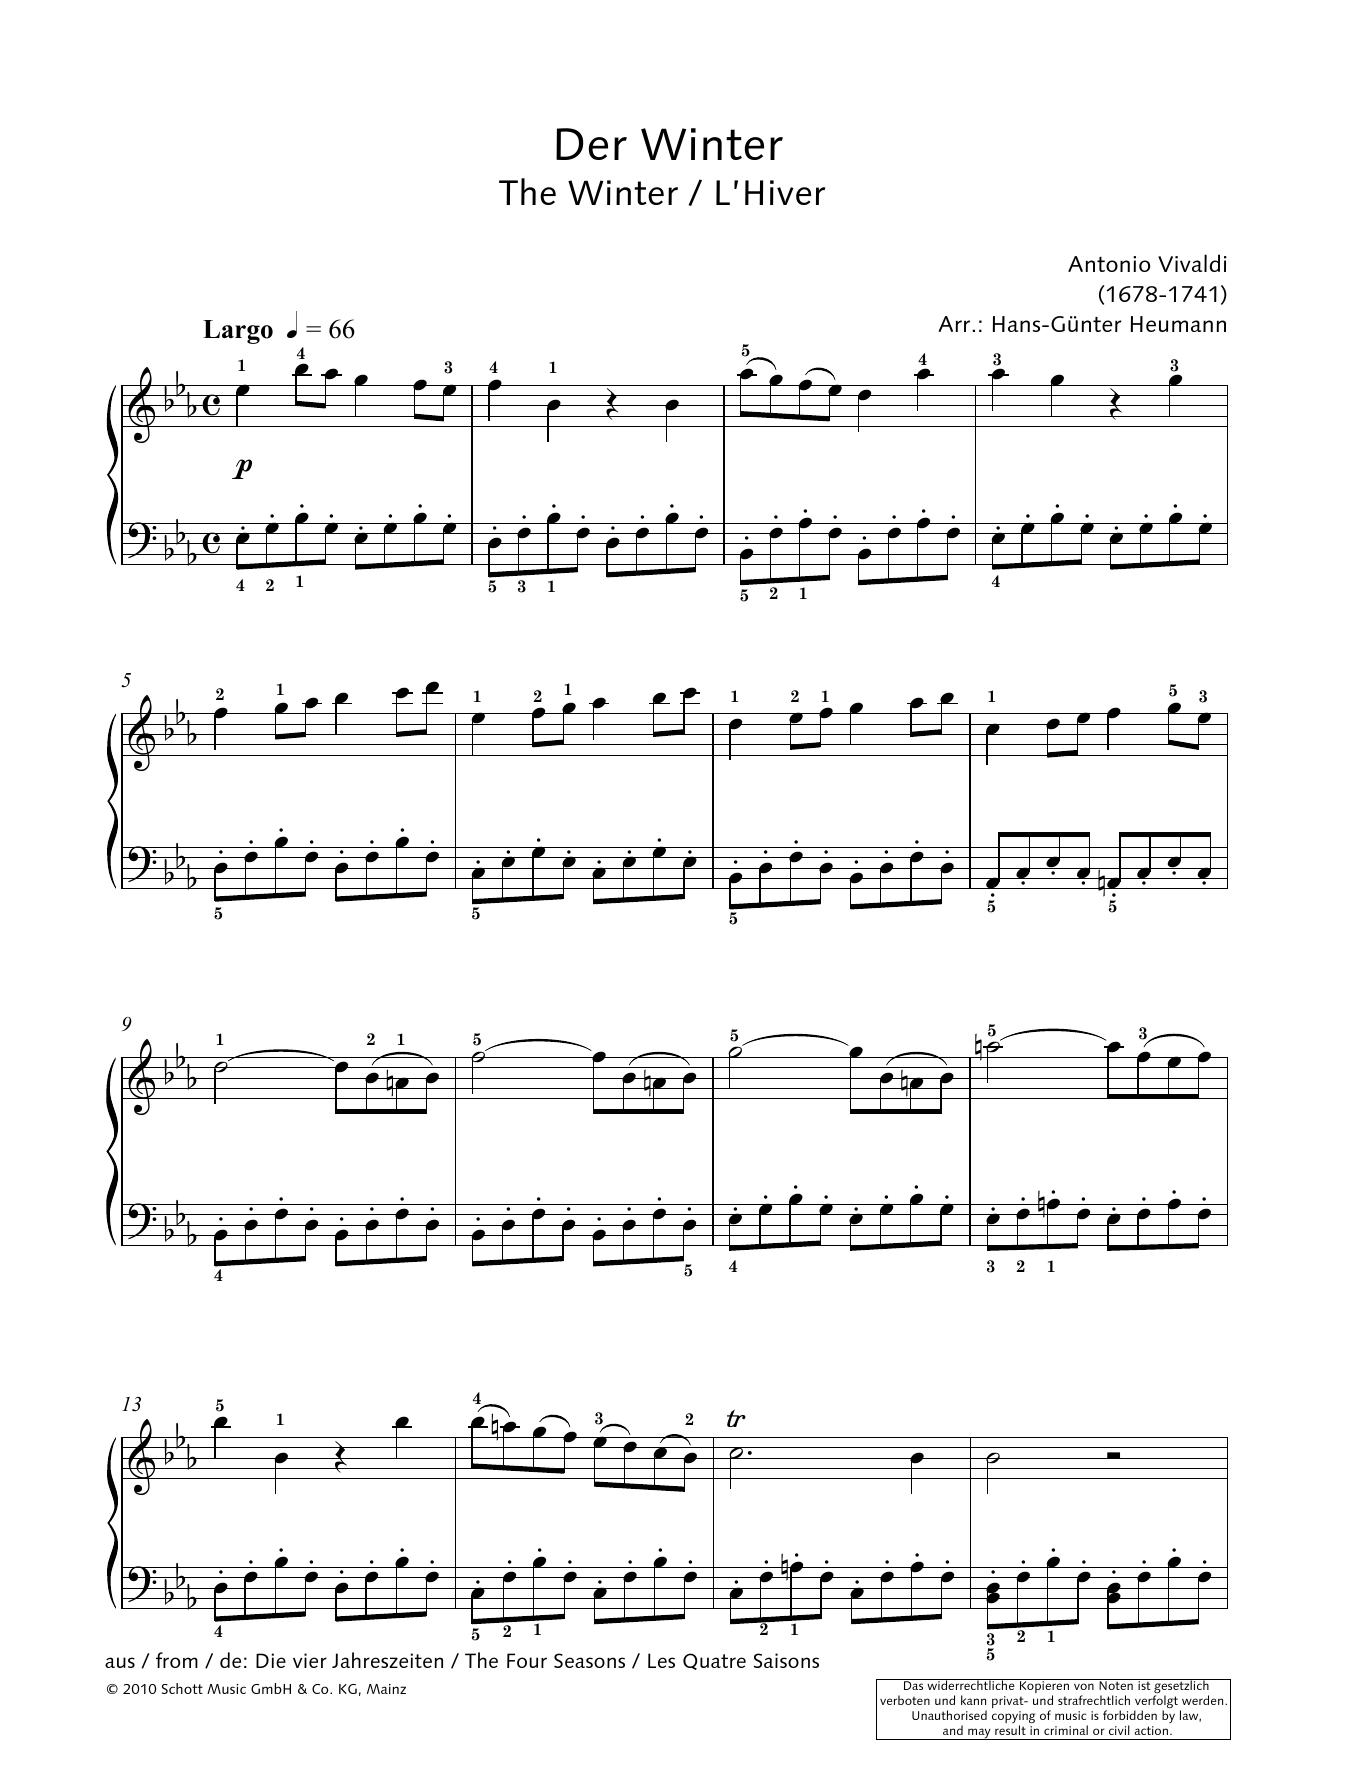 The Winter Sheet Music